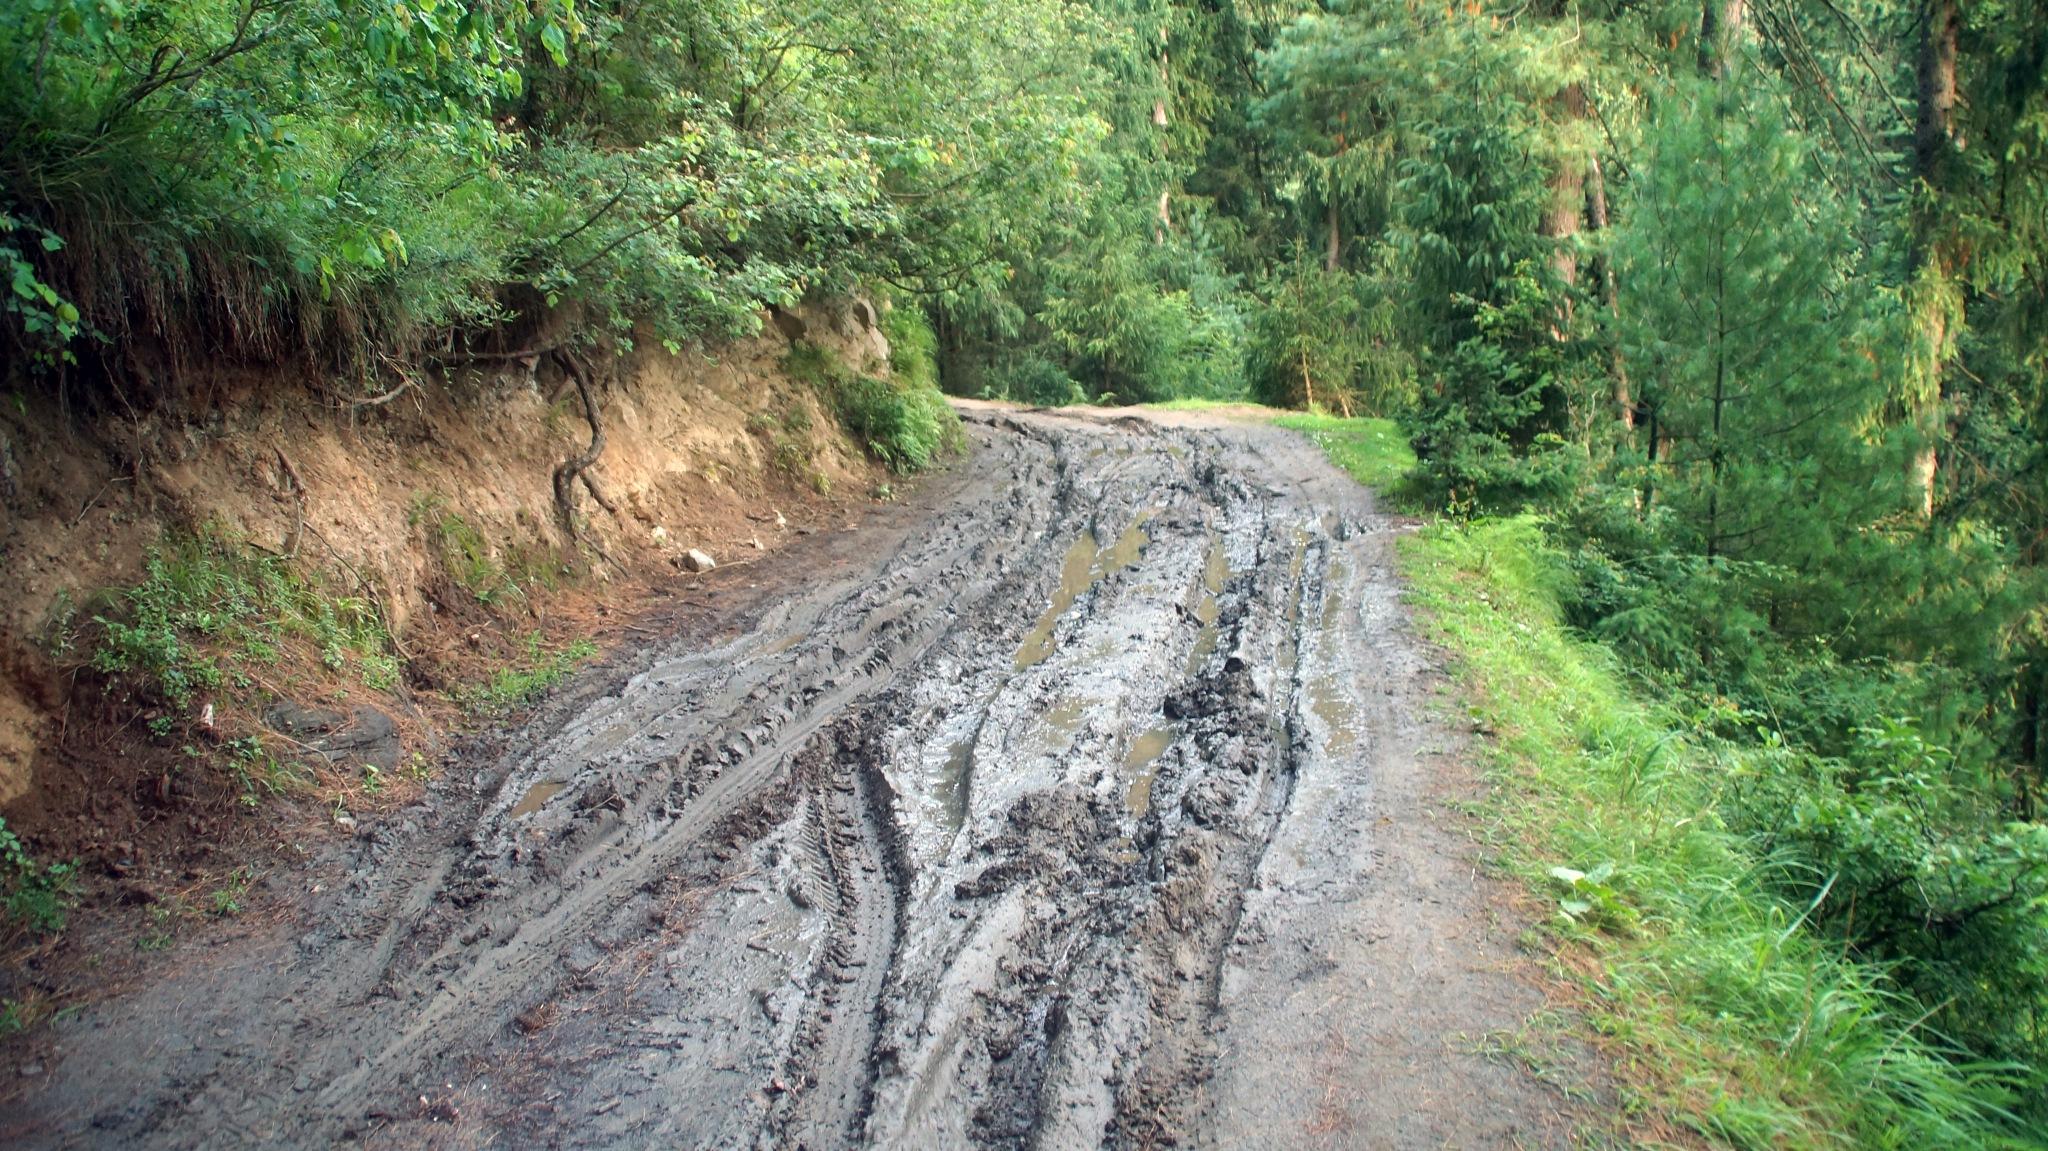 Bad Roads, Indian Himalayas, 2018 by lars.erlandsson.9